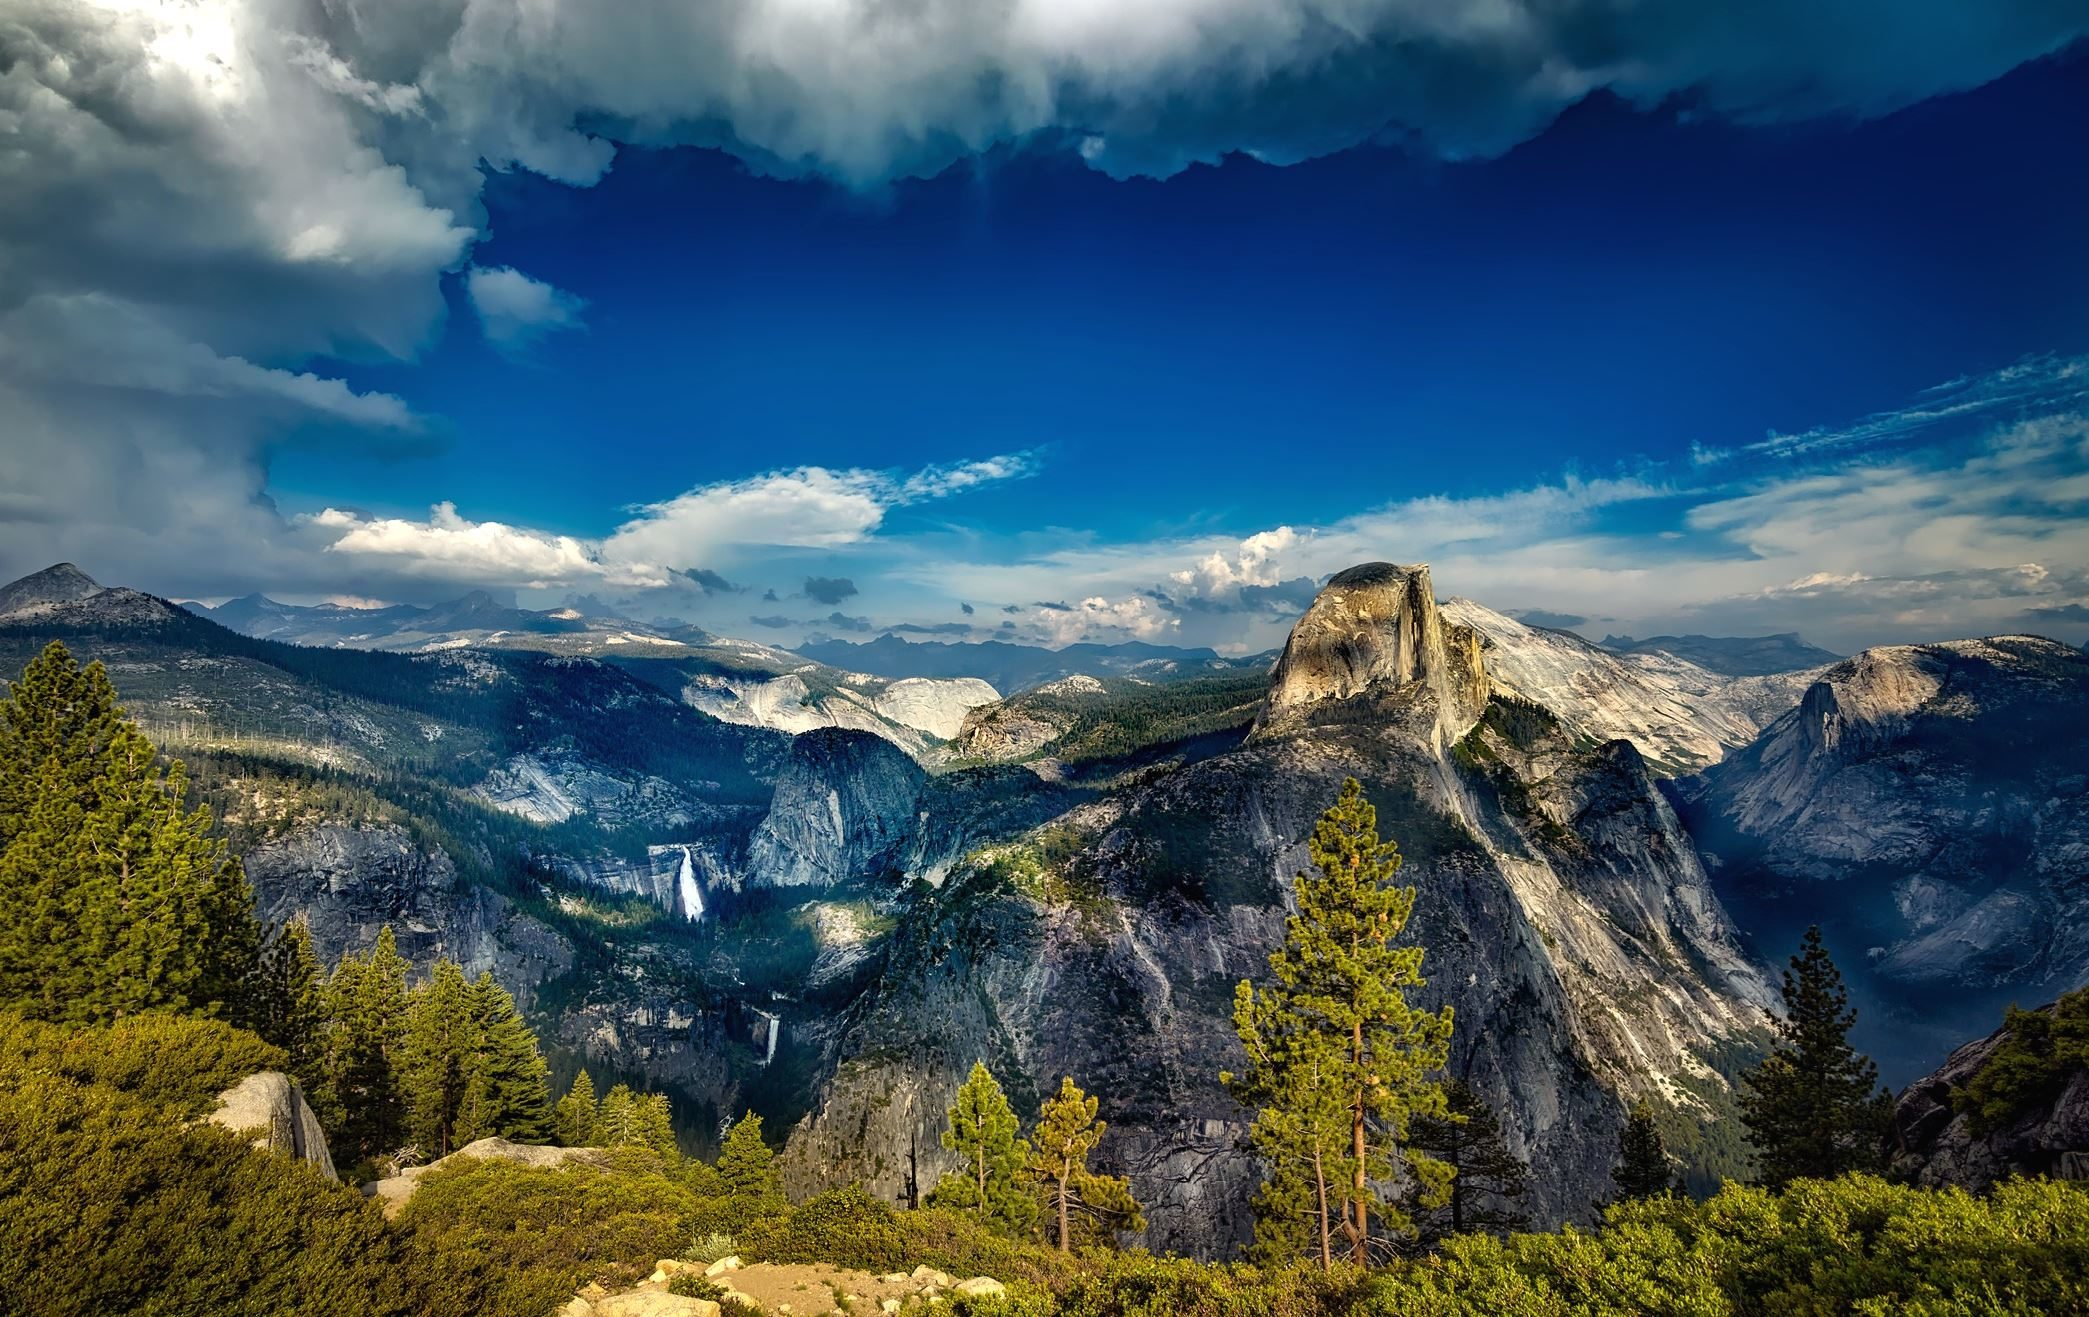 вот красивые картинки про горы смогла